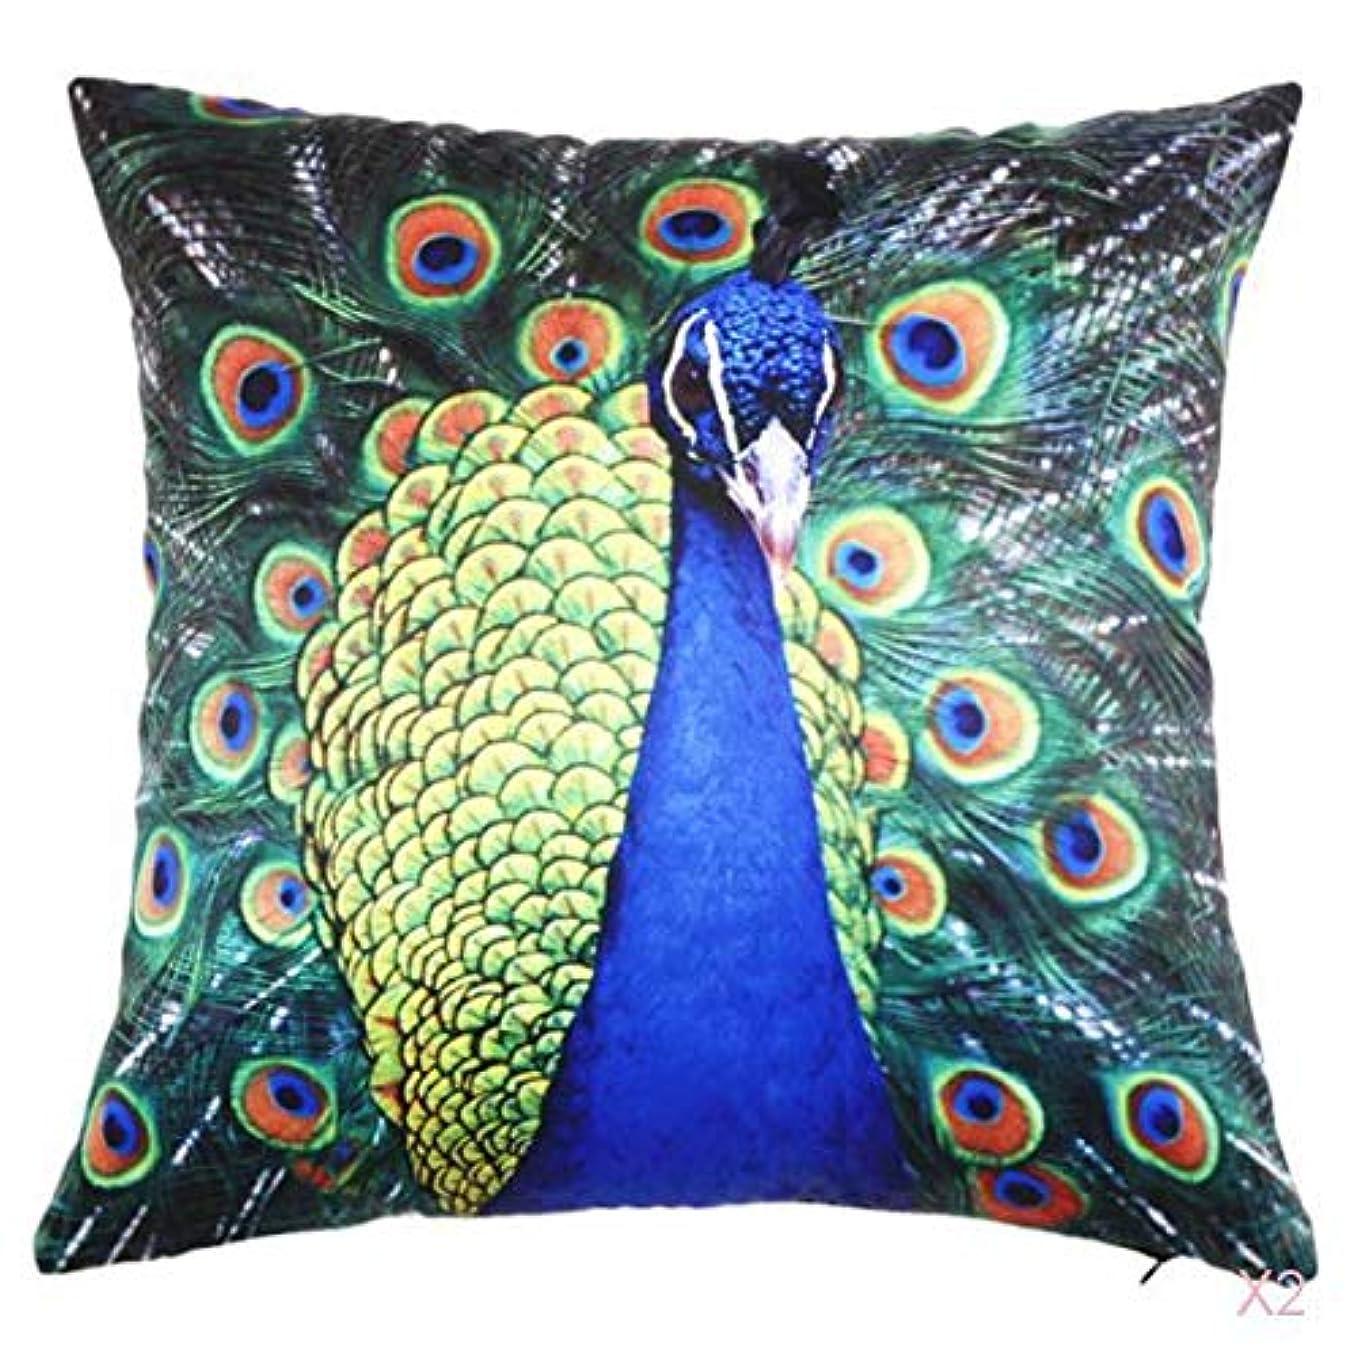 不器用間接的蓄積する45センチメートル家の装飾スロー枕カバークッションカバーヴィンテージ孔雀のパターン03